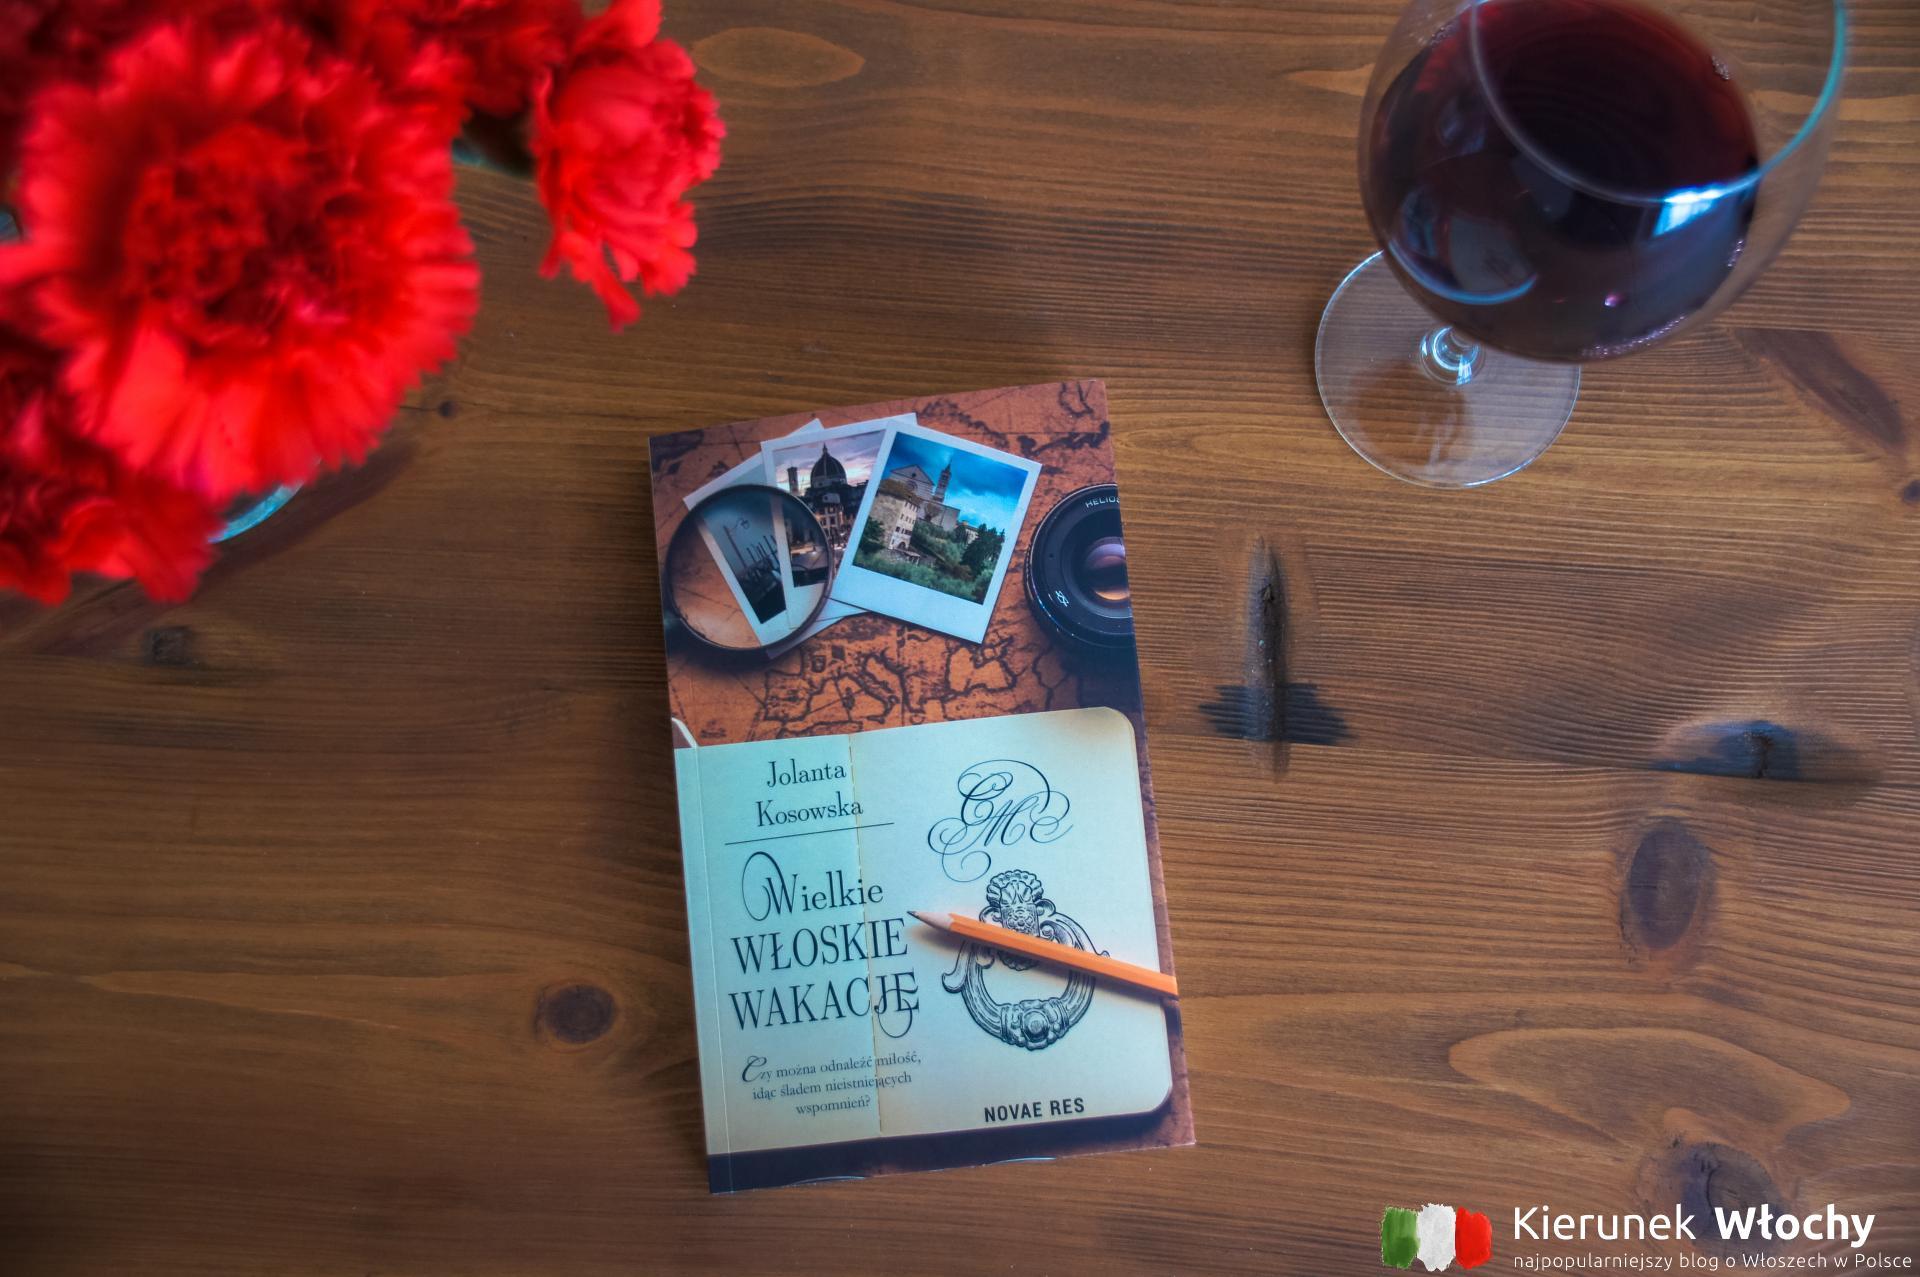 """powieść """"Wielkie włoskie wakacje"""" Jolanty Kosowskiej (fot. Ł. Ropczyński, kierunekwlochy.pl)"""